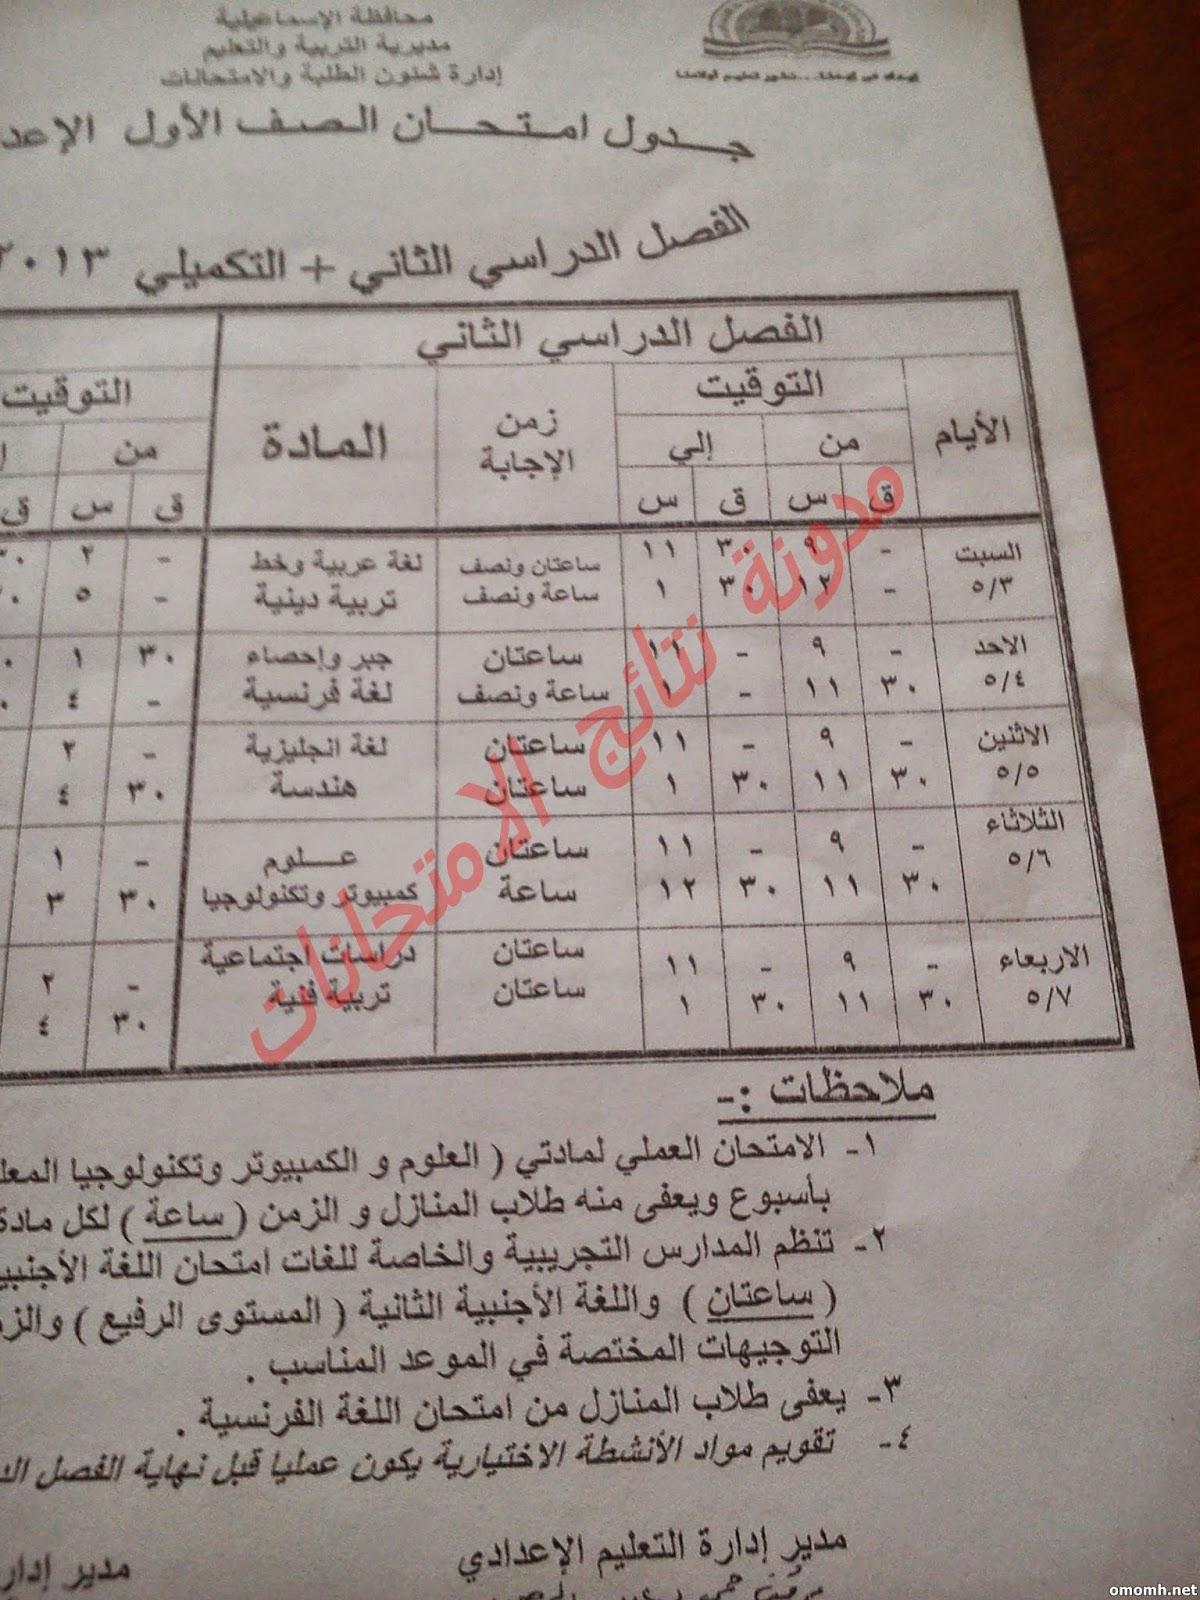 جدول ومواعيد امتحانات  الشهاده الاعداديه